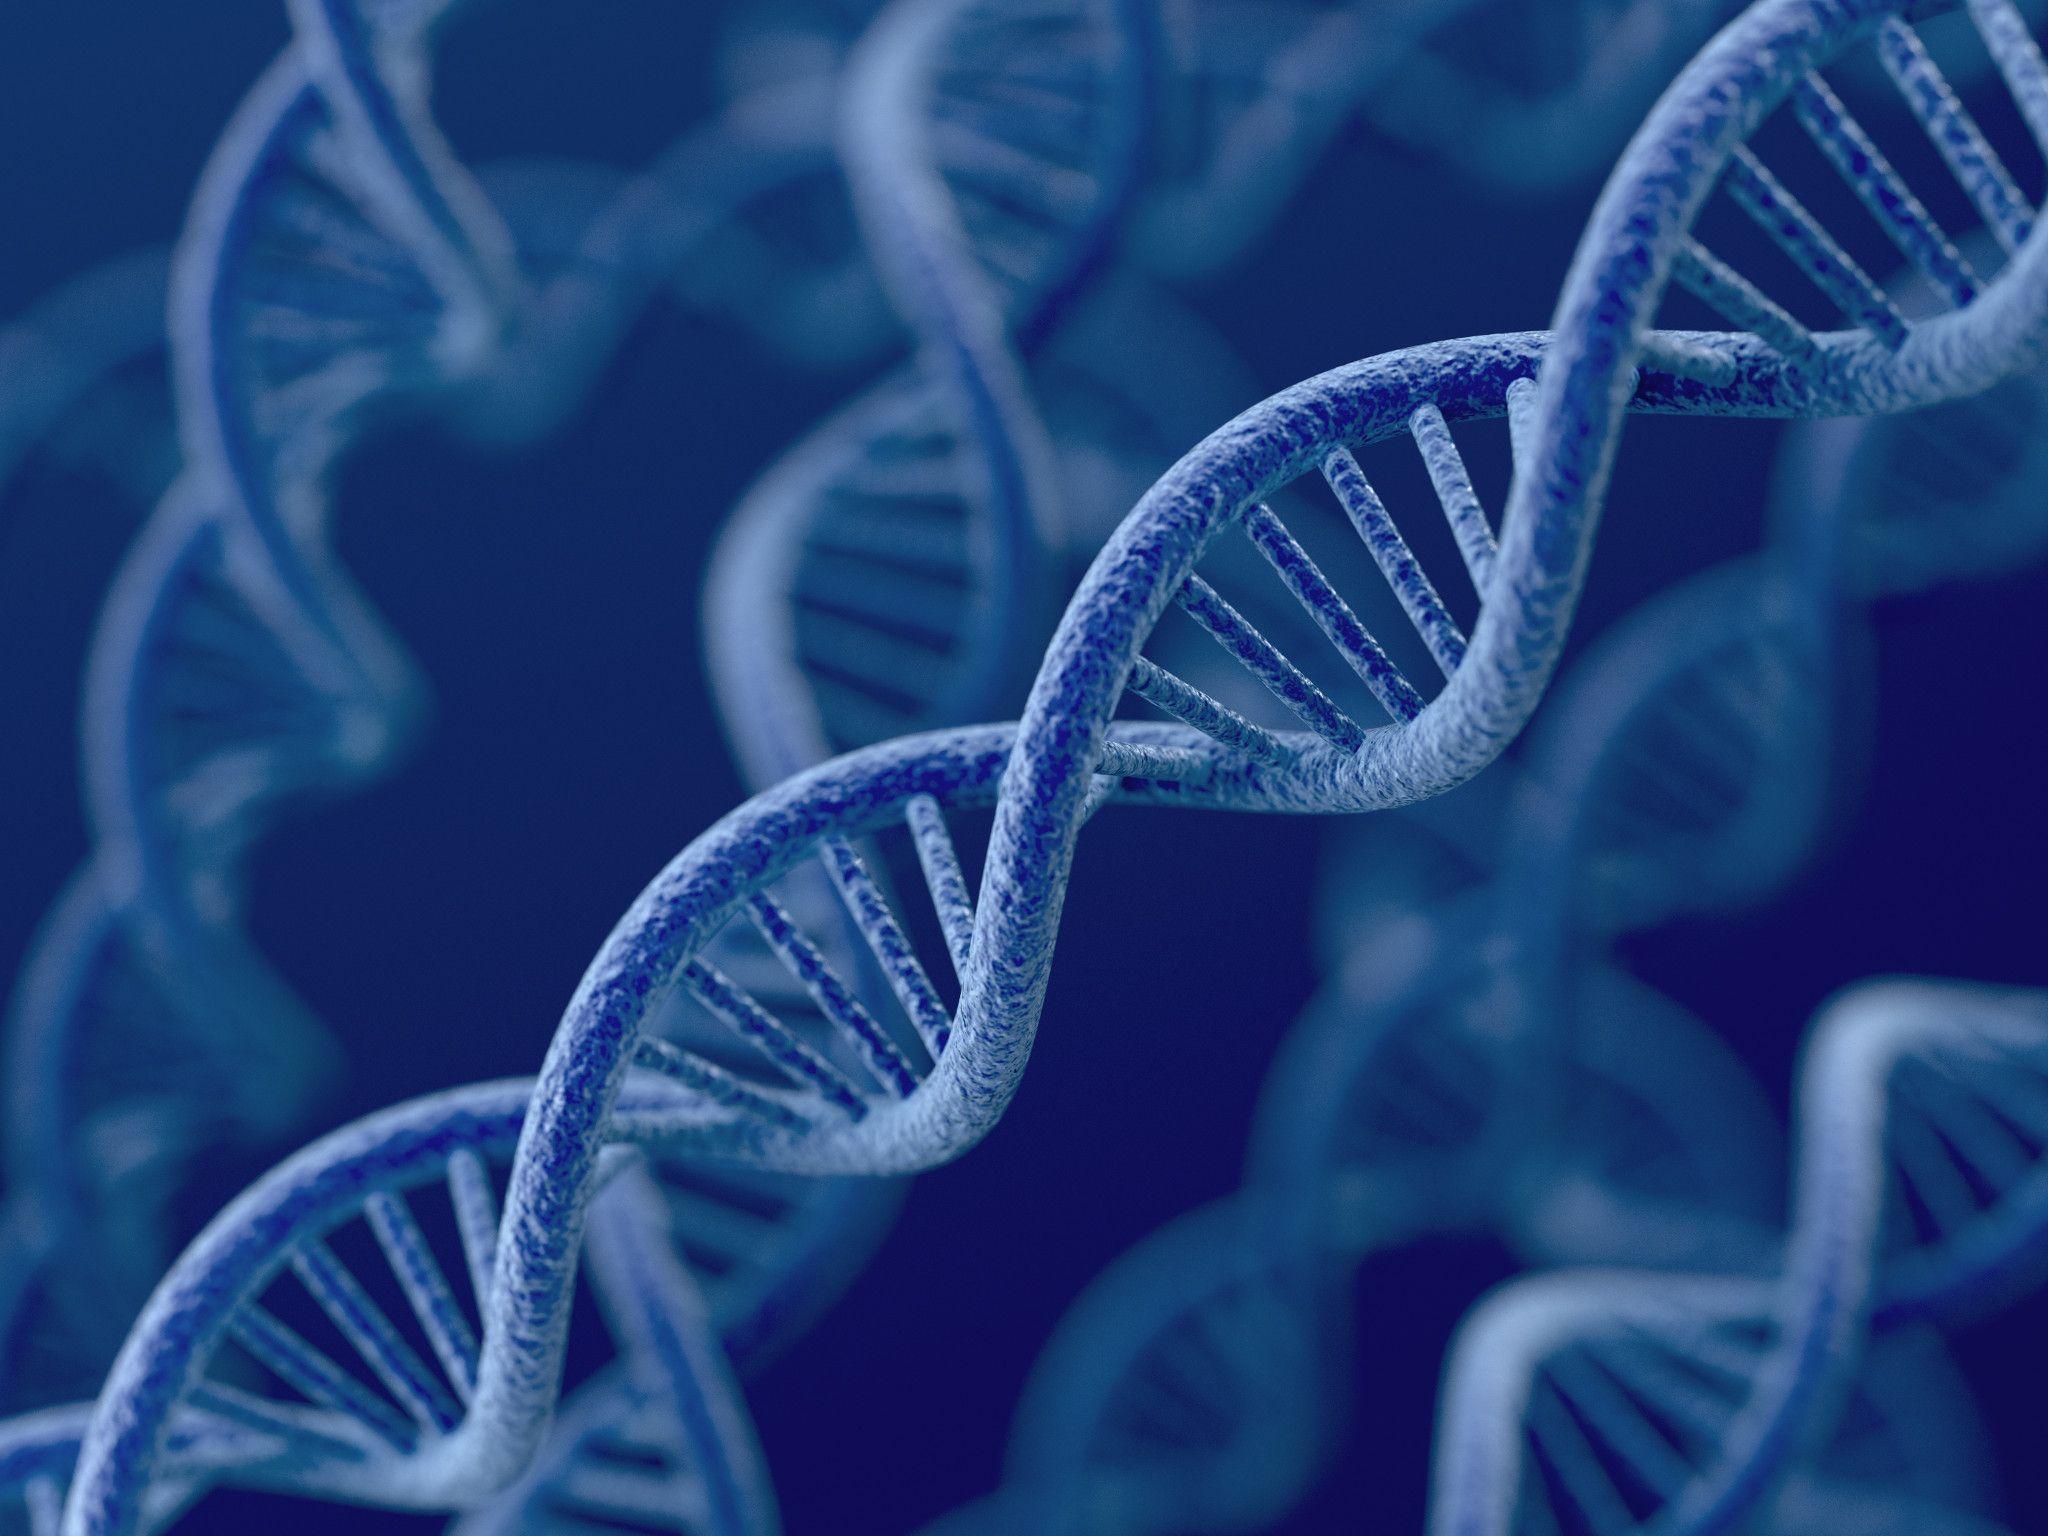 Image of DNA strands.